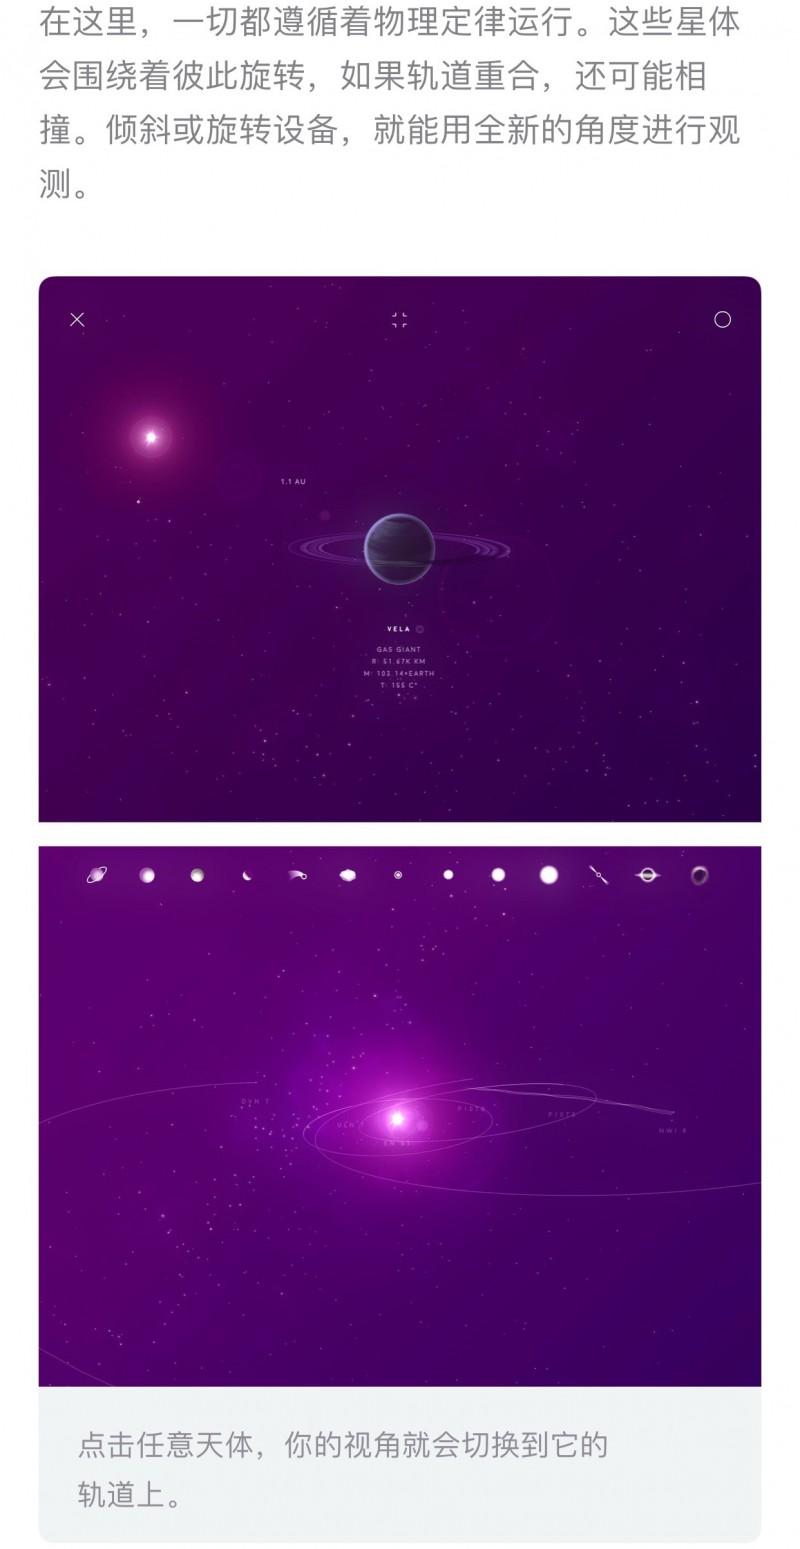 [已购]太空-草蜢资源